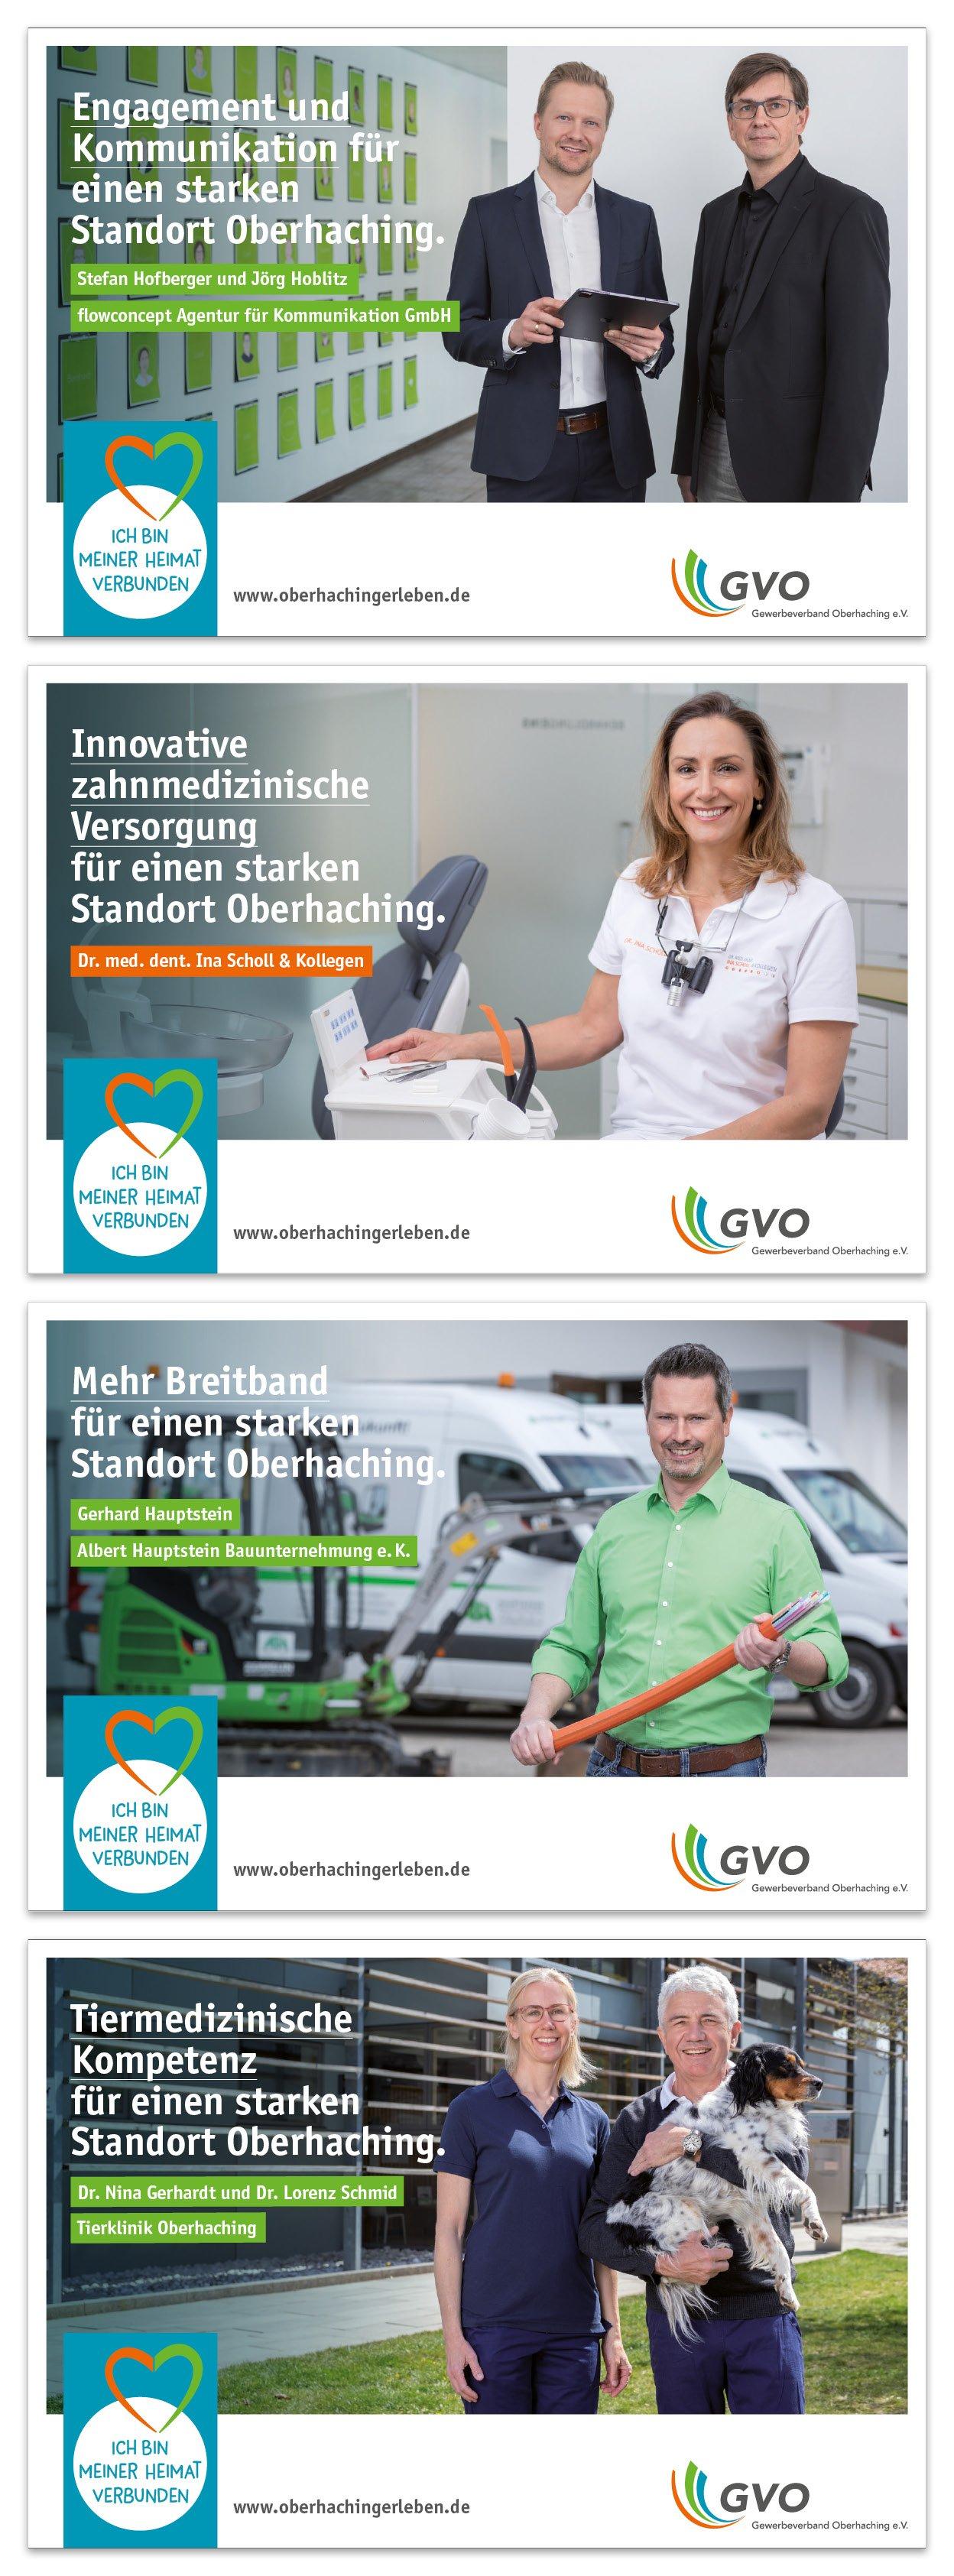 Gewerbeverband Oberhaching